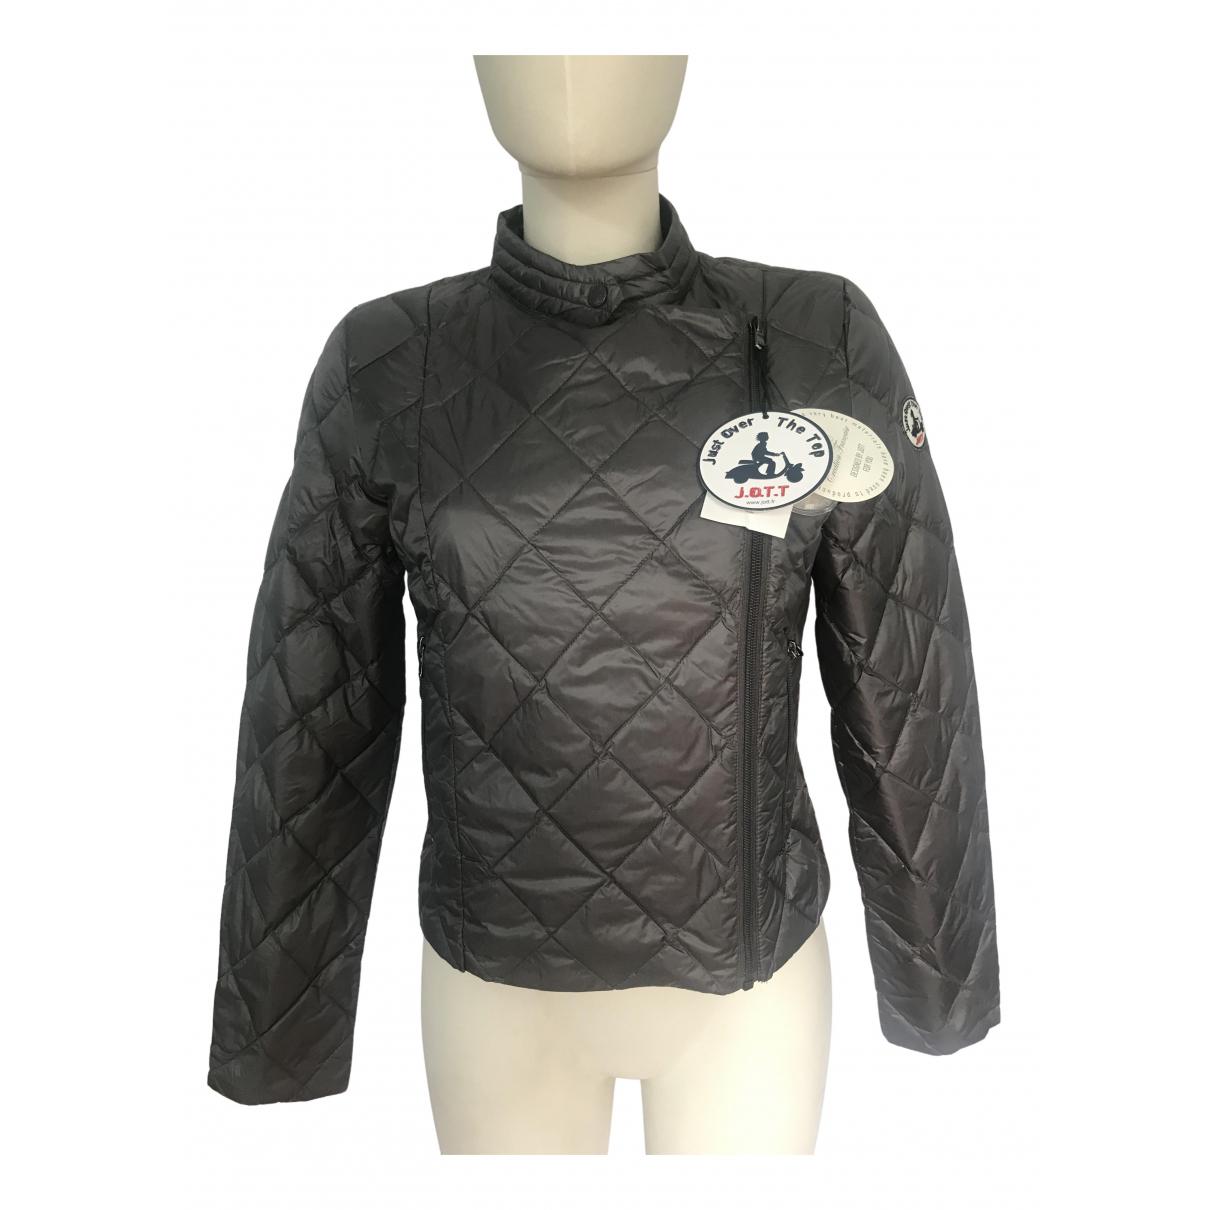 Jott \N Anthracite jacket for Women S International